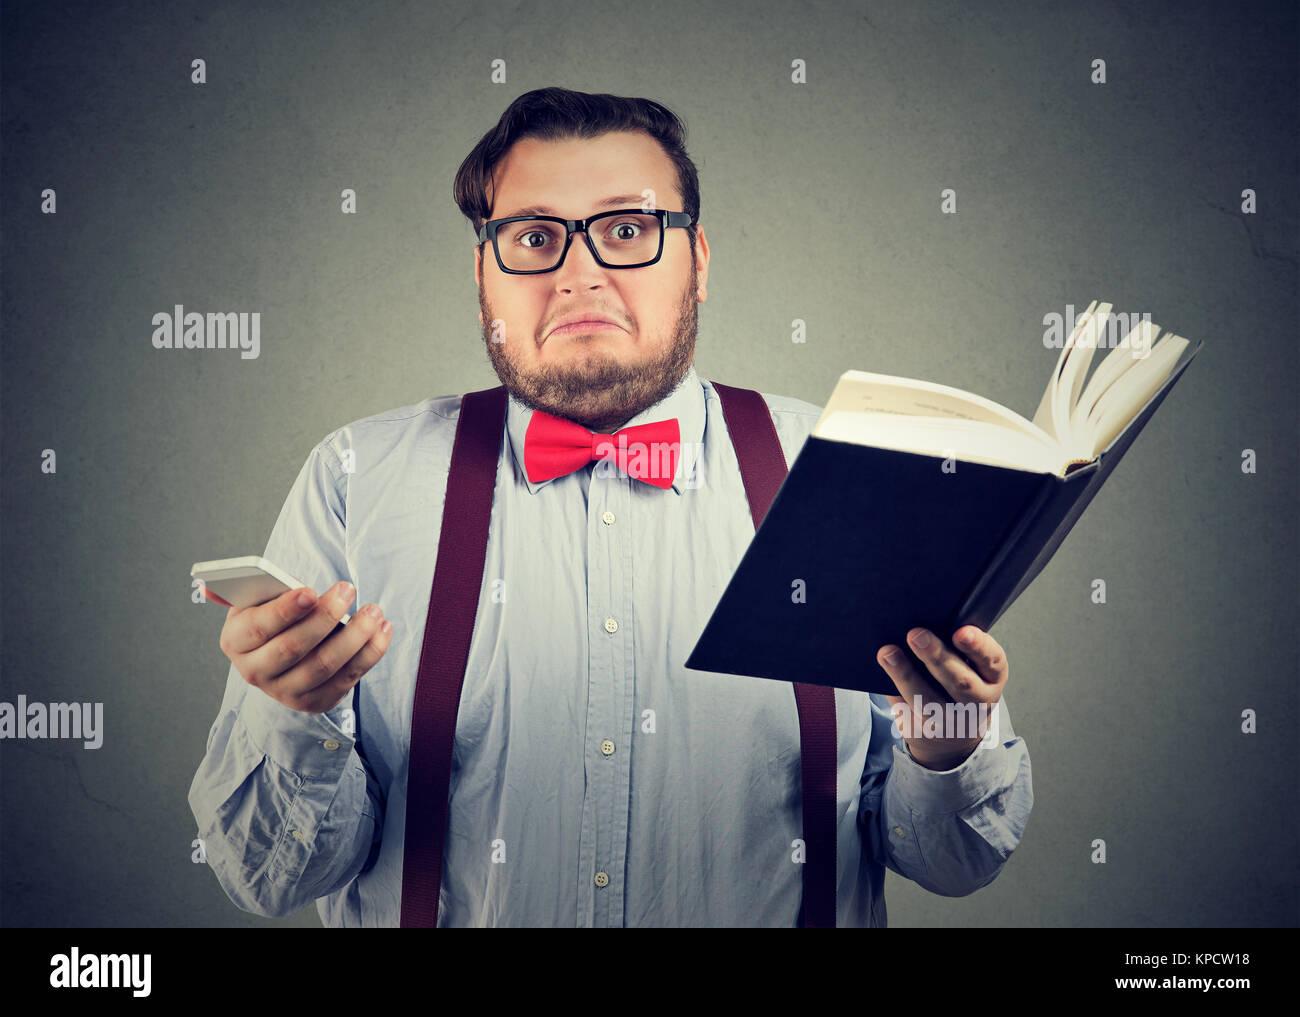 Tipo gordito, en copas elegir entre el smartphone y el libro de lectura. Imagen De Stock